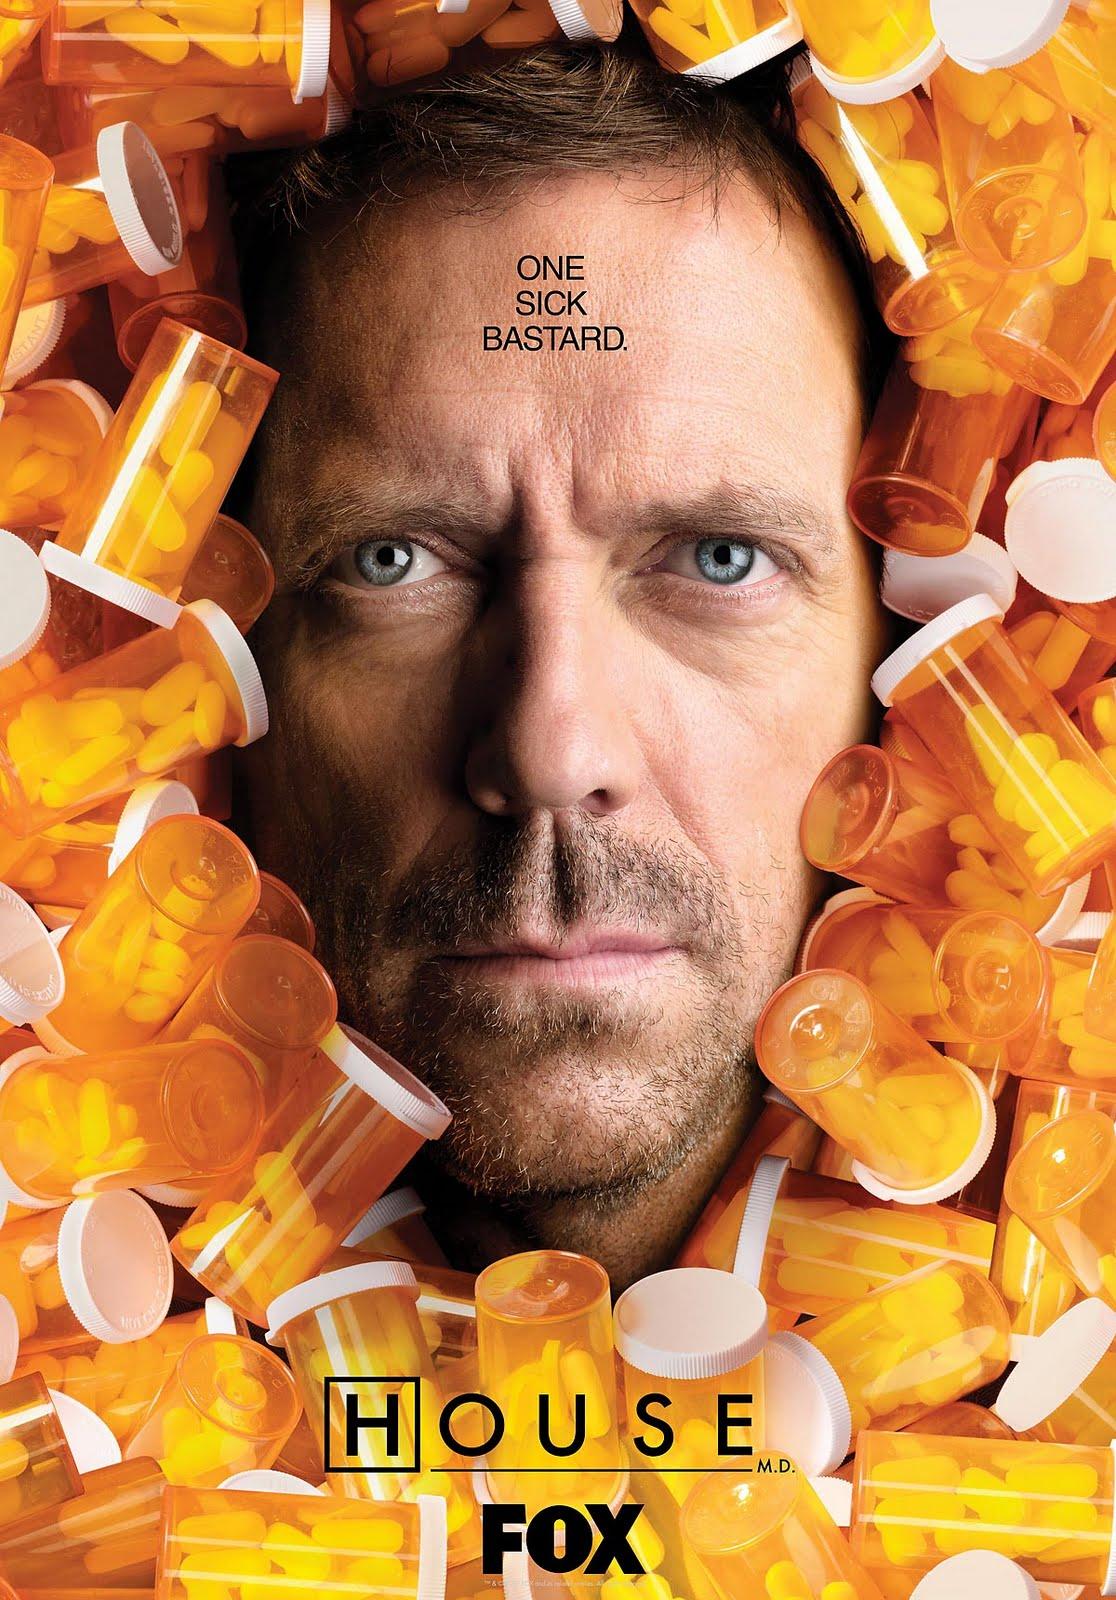 http://4.bp.blogspot.com/-GoK6AjvOlTI/Tsr7PvDdeKI/AAAAAAAAEm4/_fMLEvcBQUc/s1600/house_pills.jpg